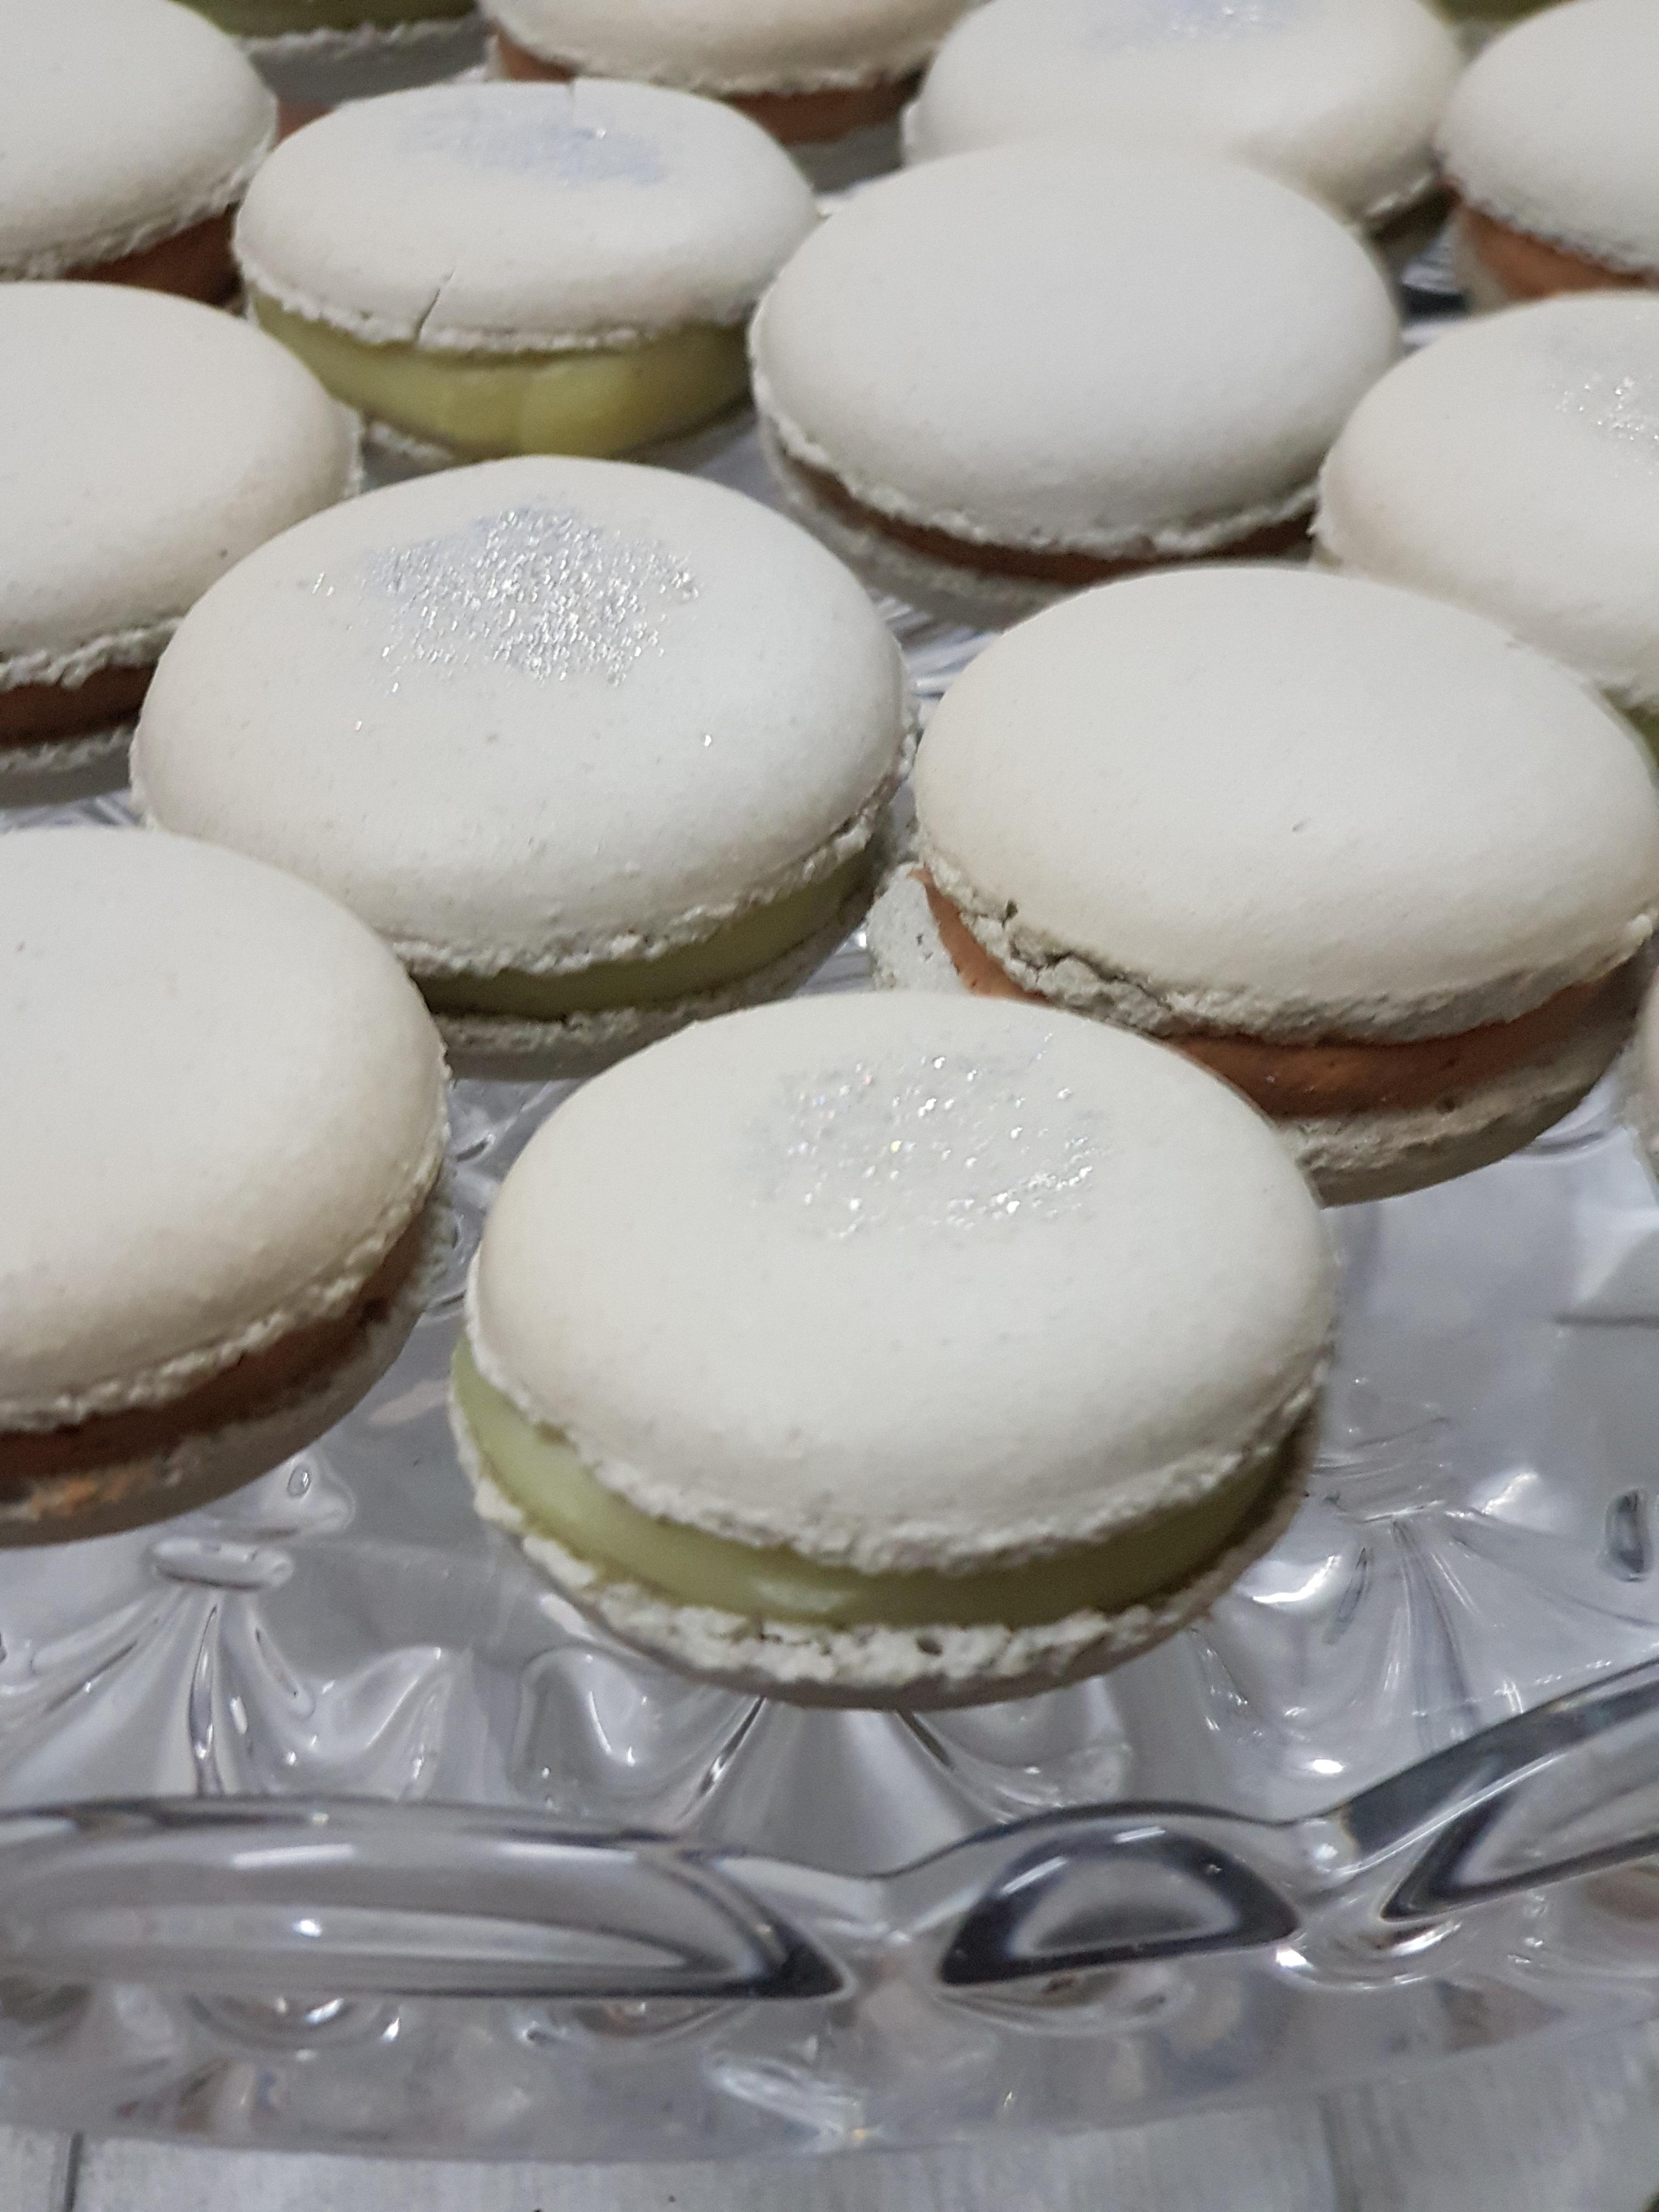 Cumpleaños Mar - Macarons